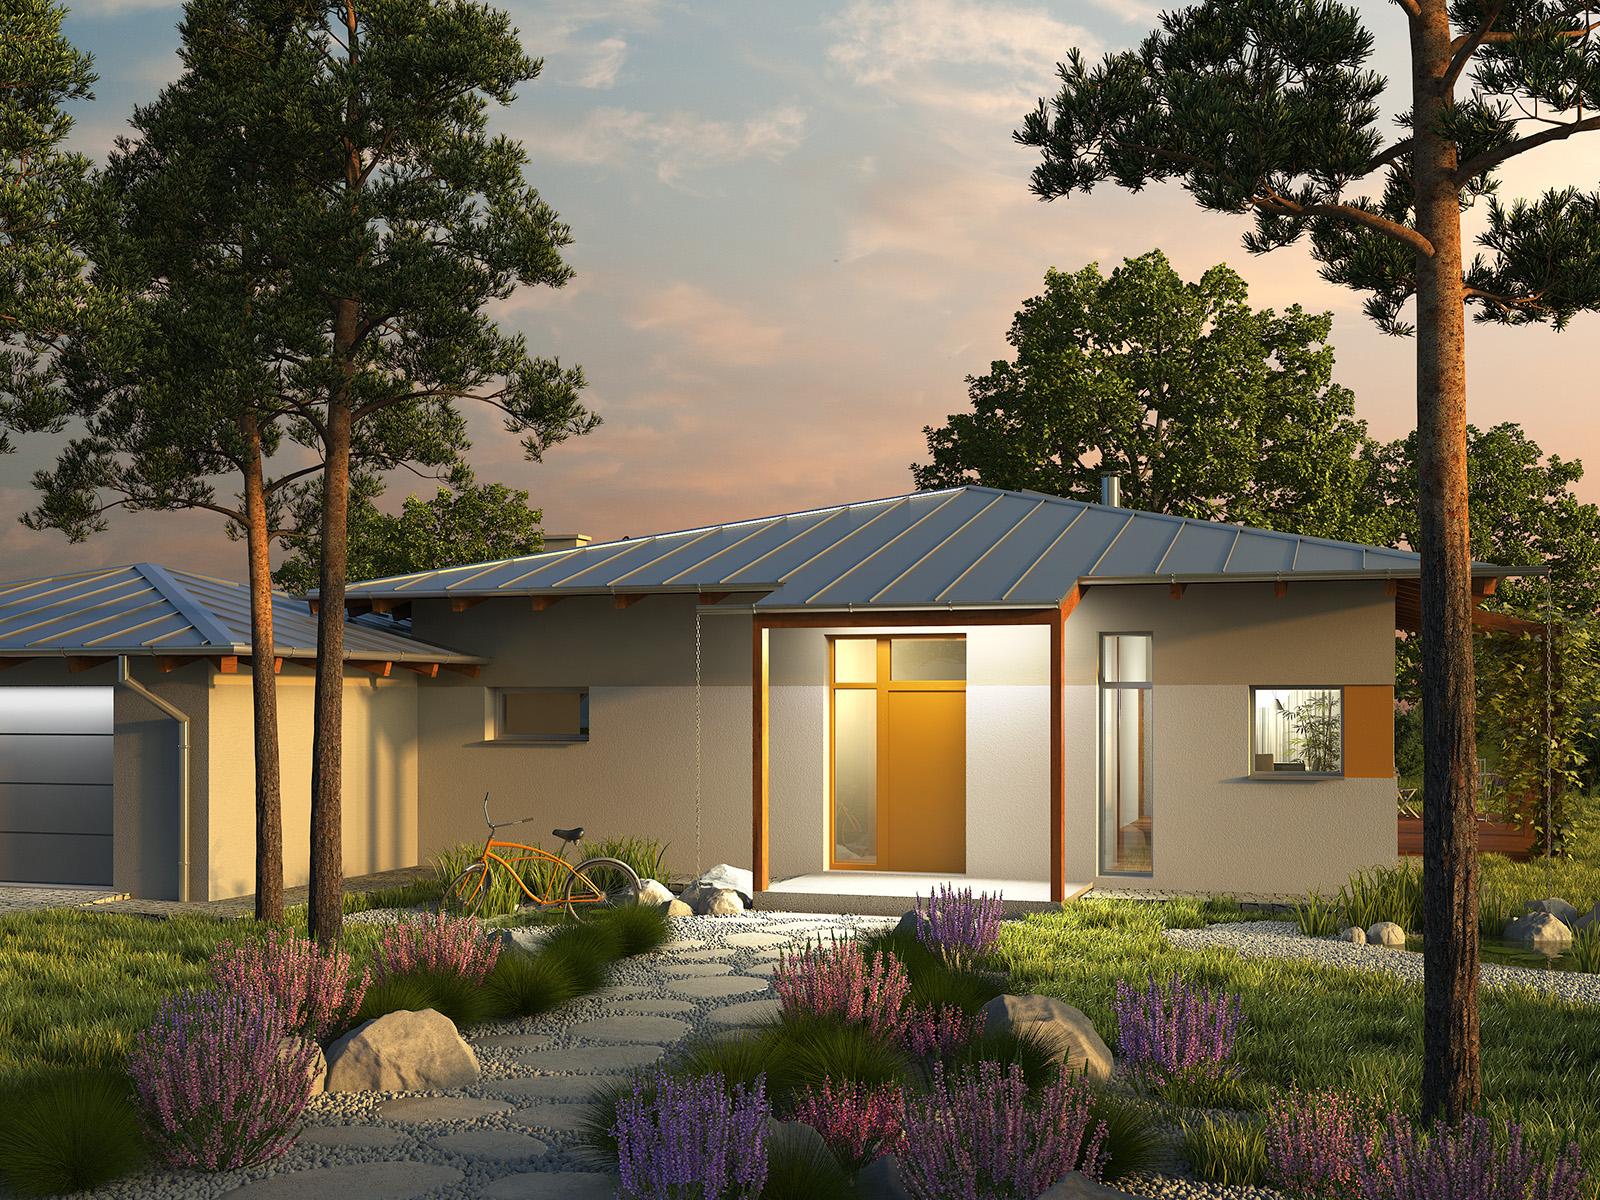 Projekt domu KOPERTOWY Domy Czystej Energii widok od frontu